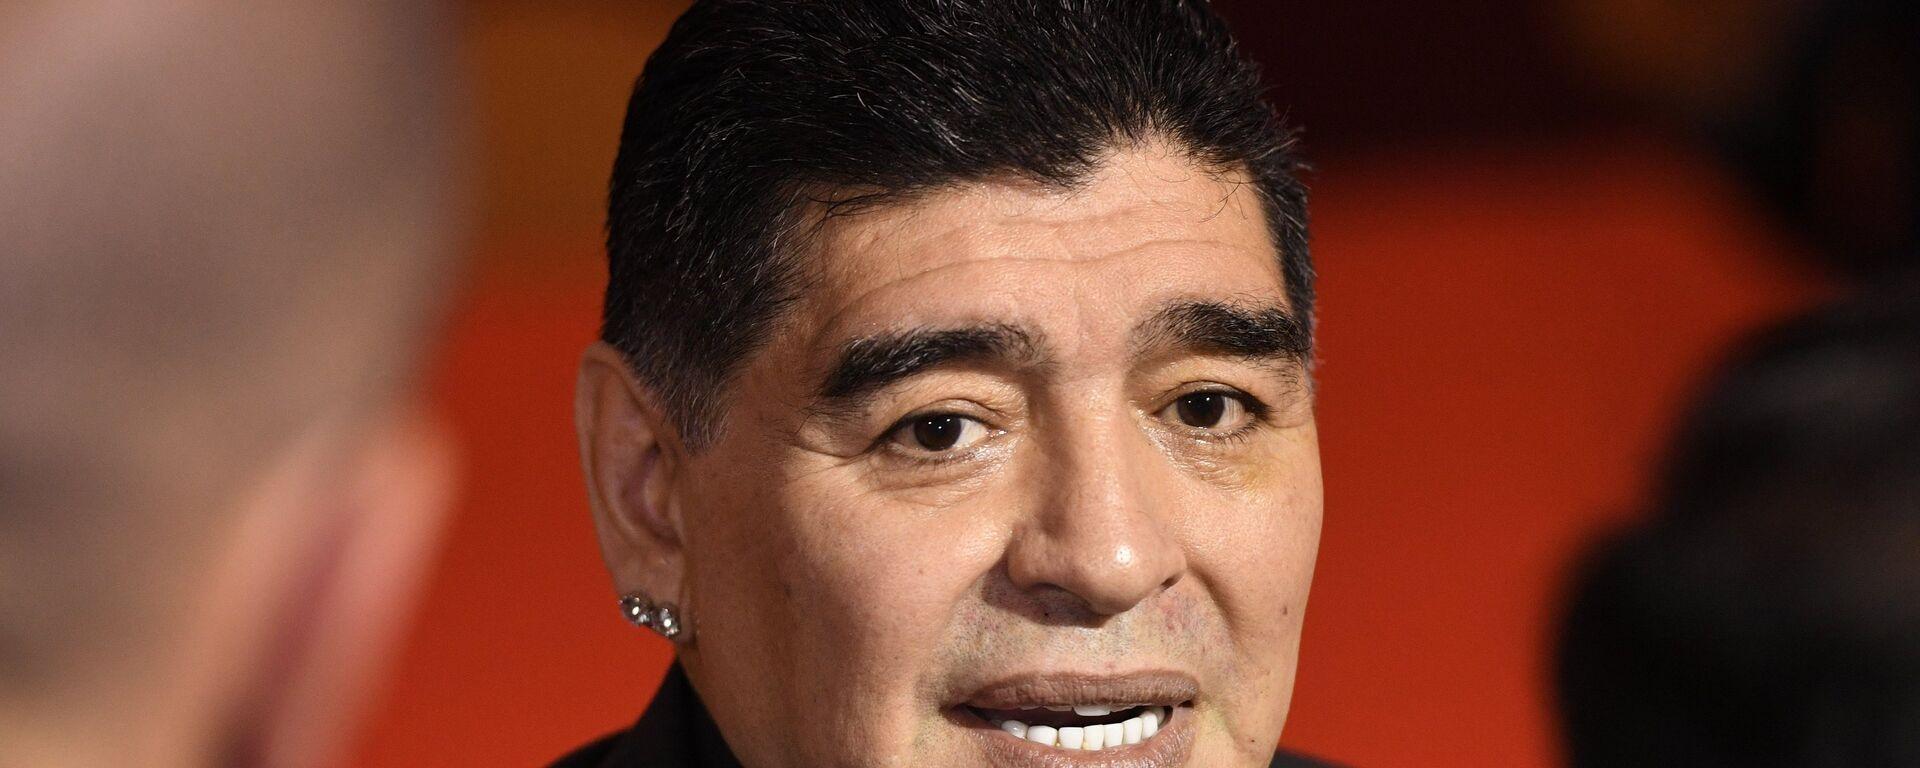 Dijego Maradona na žrebu za SP u Moskvi - Sputnik Srbija, 1920, 12.10.2021